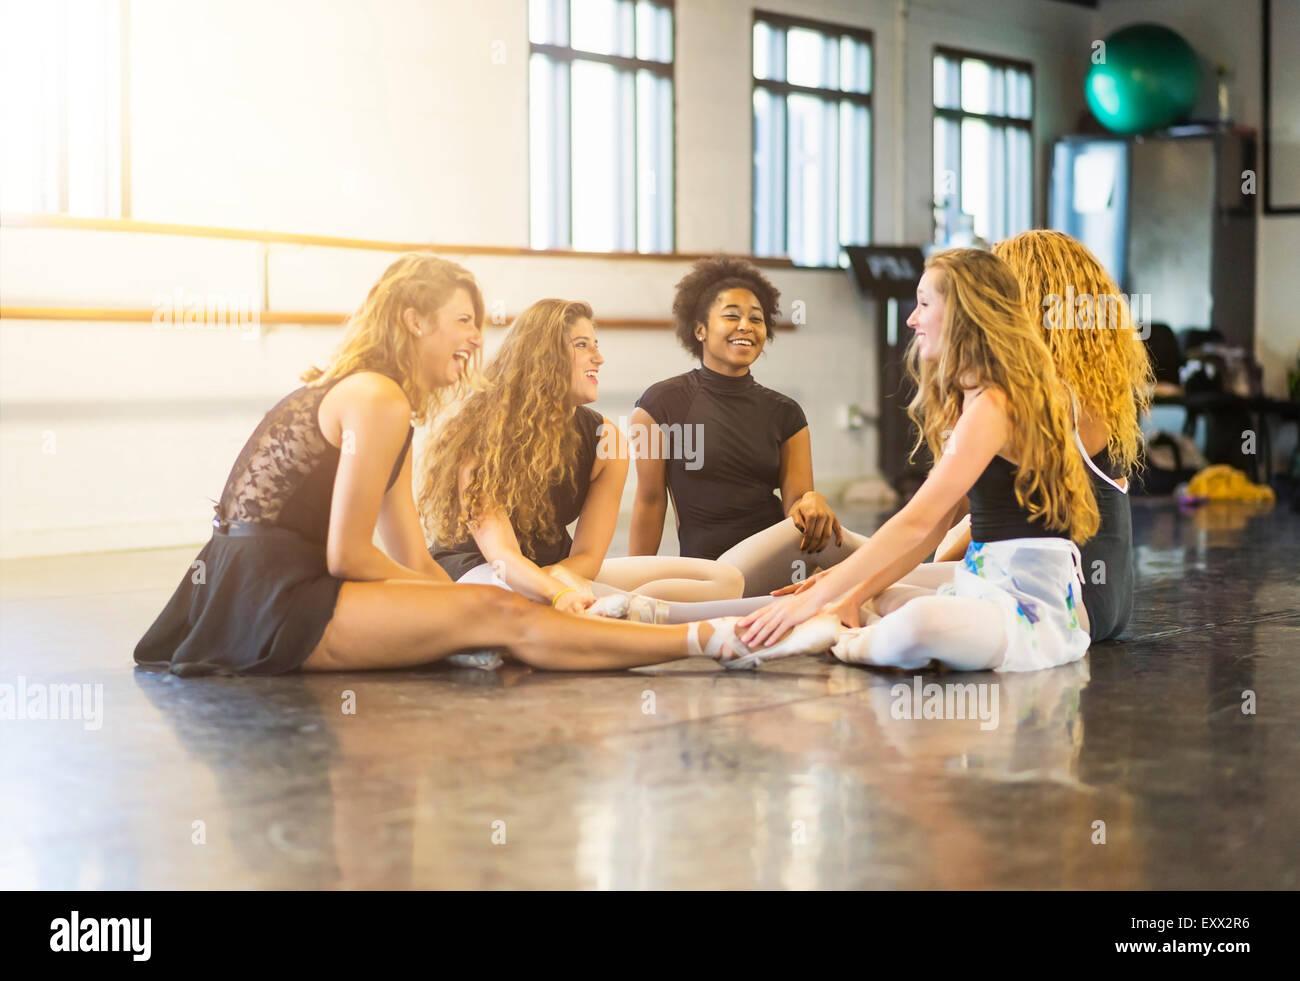 Les jeunes femmes dans un studio de danse Photo Stock